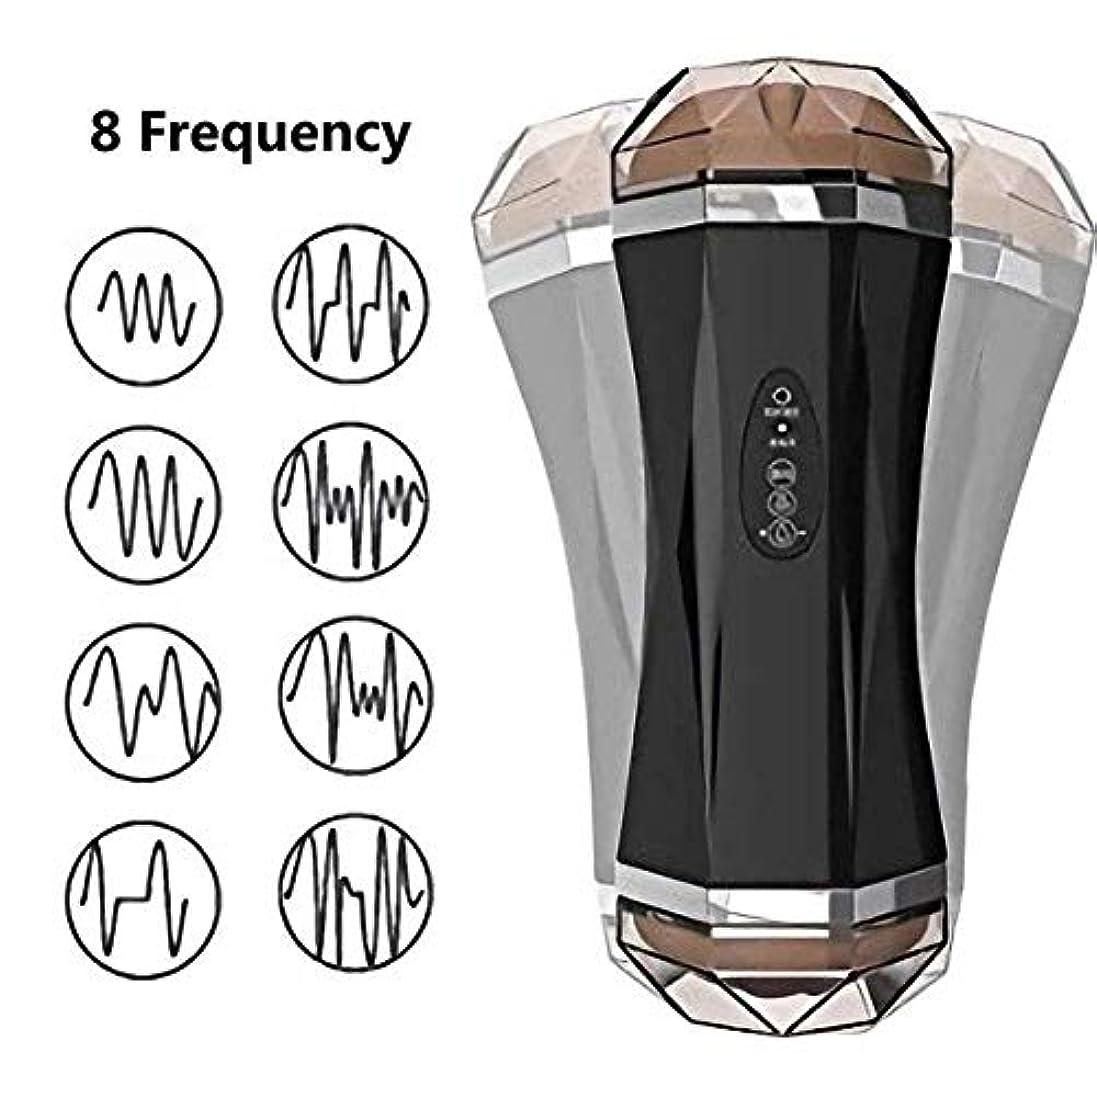 降ろすアクロバット受取人Jrtie- USB電気Tシャツ6おもちゃ2-in-1ハンズフリーディープスロートボイスインタラクティブオーラルカップエンドレスプレジャーヘッドフォンモード